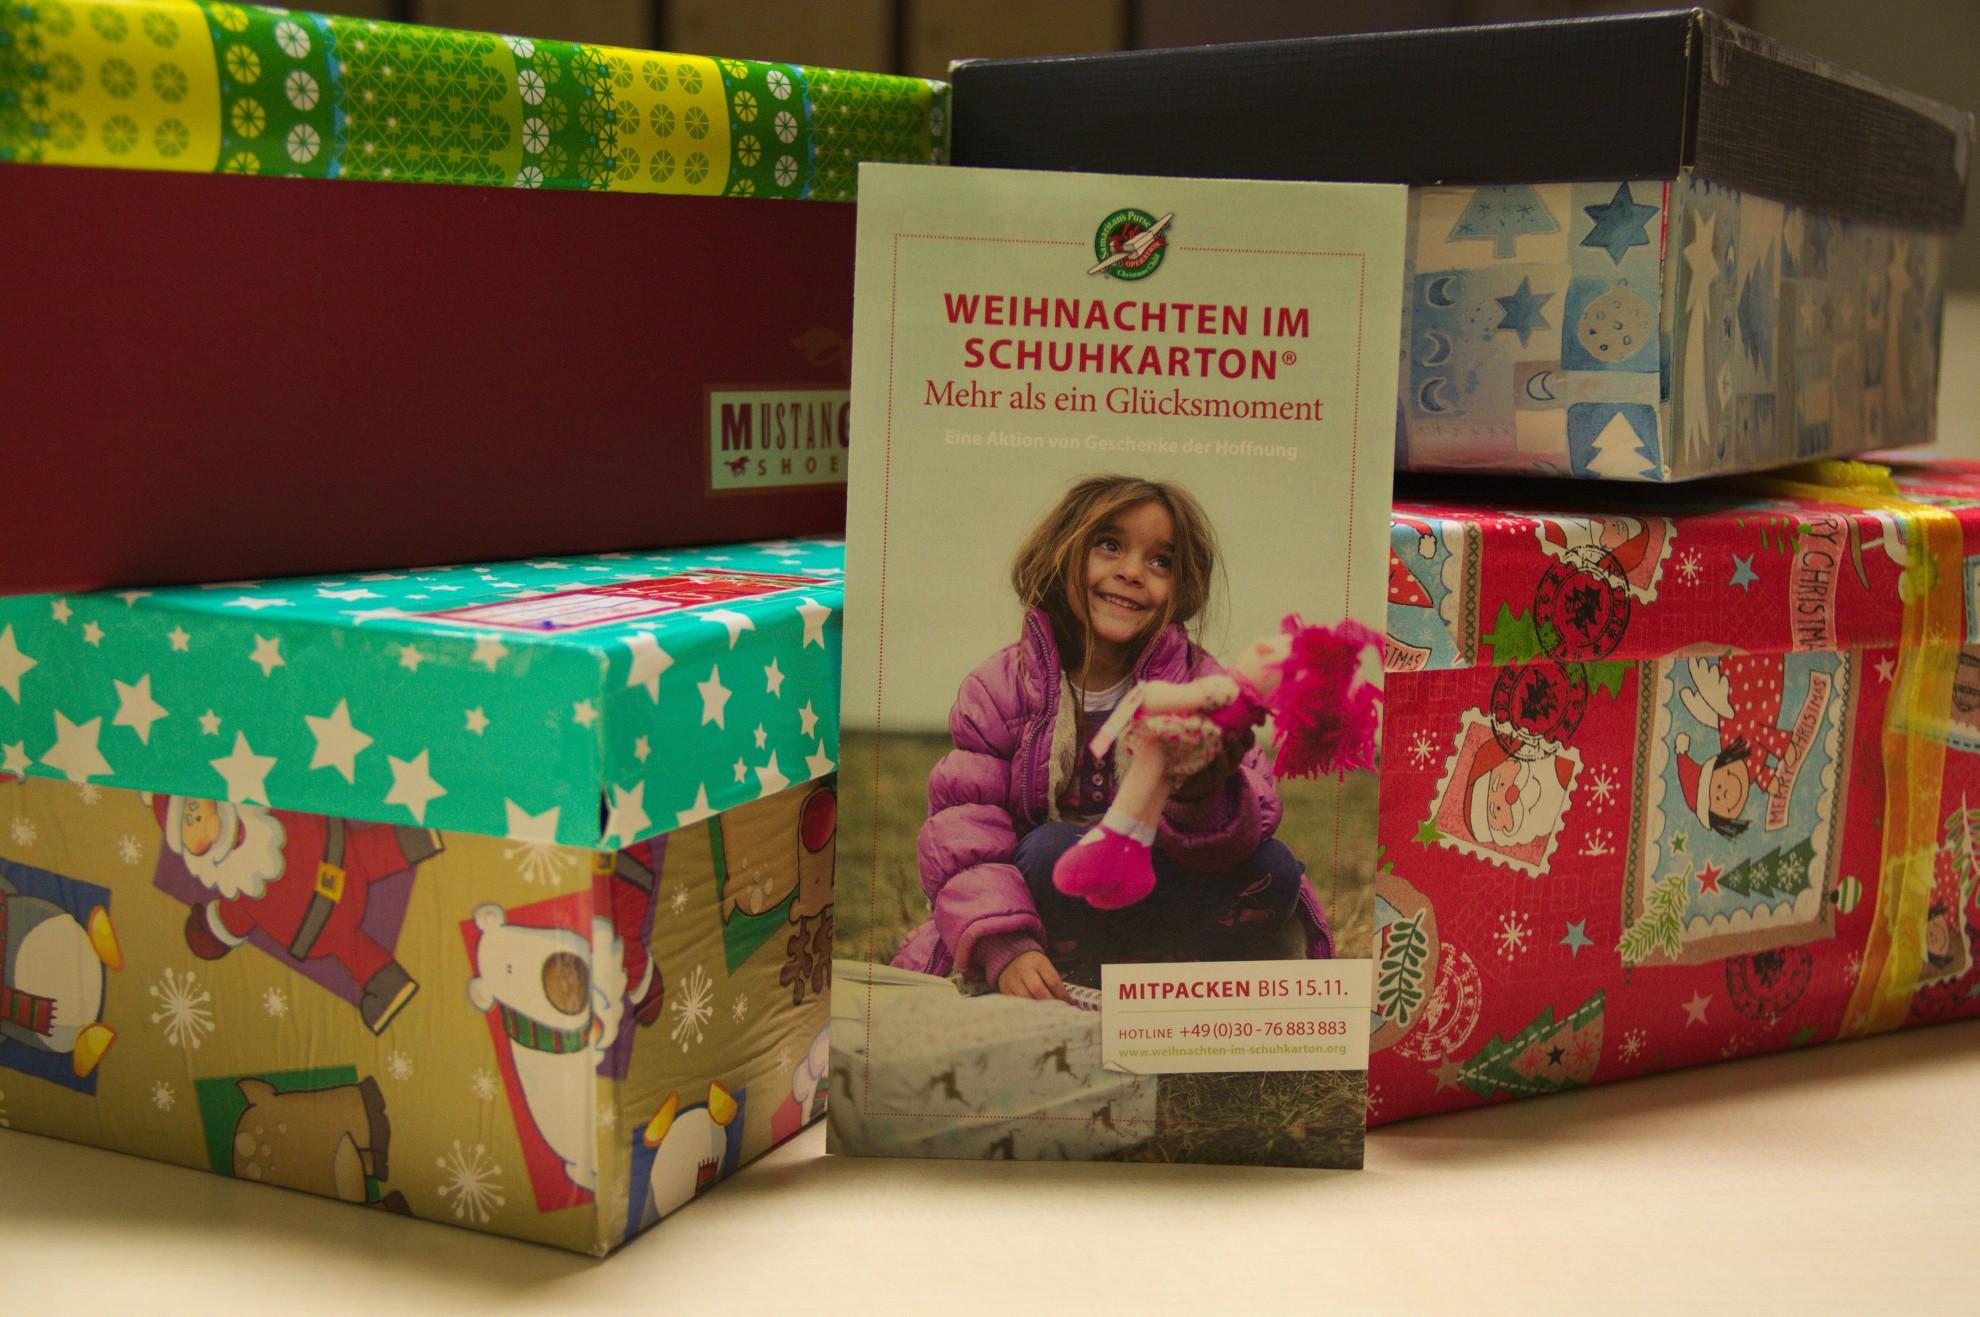 Weihnachten im Schuhkarton: Bringen Sie Ihr Geschenk bei uns vorbei!